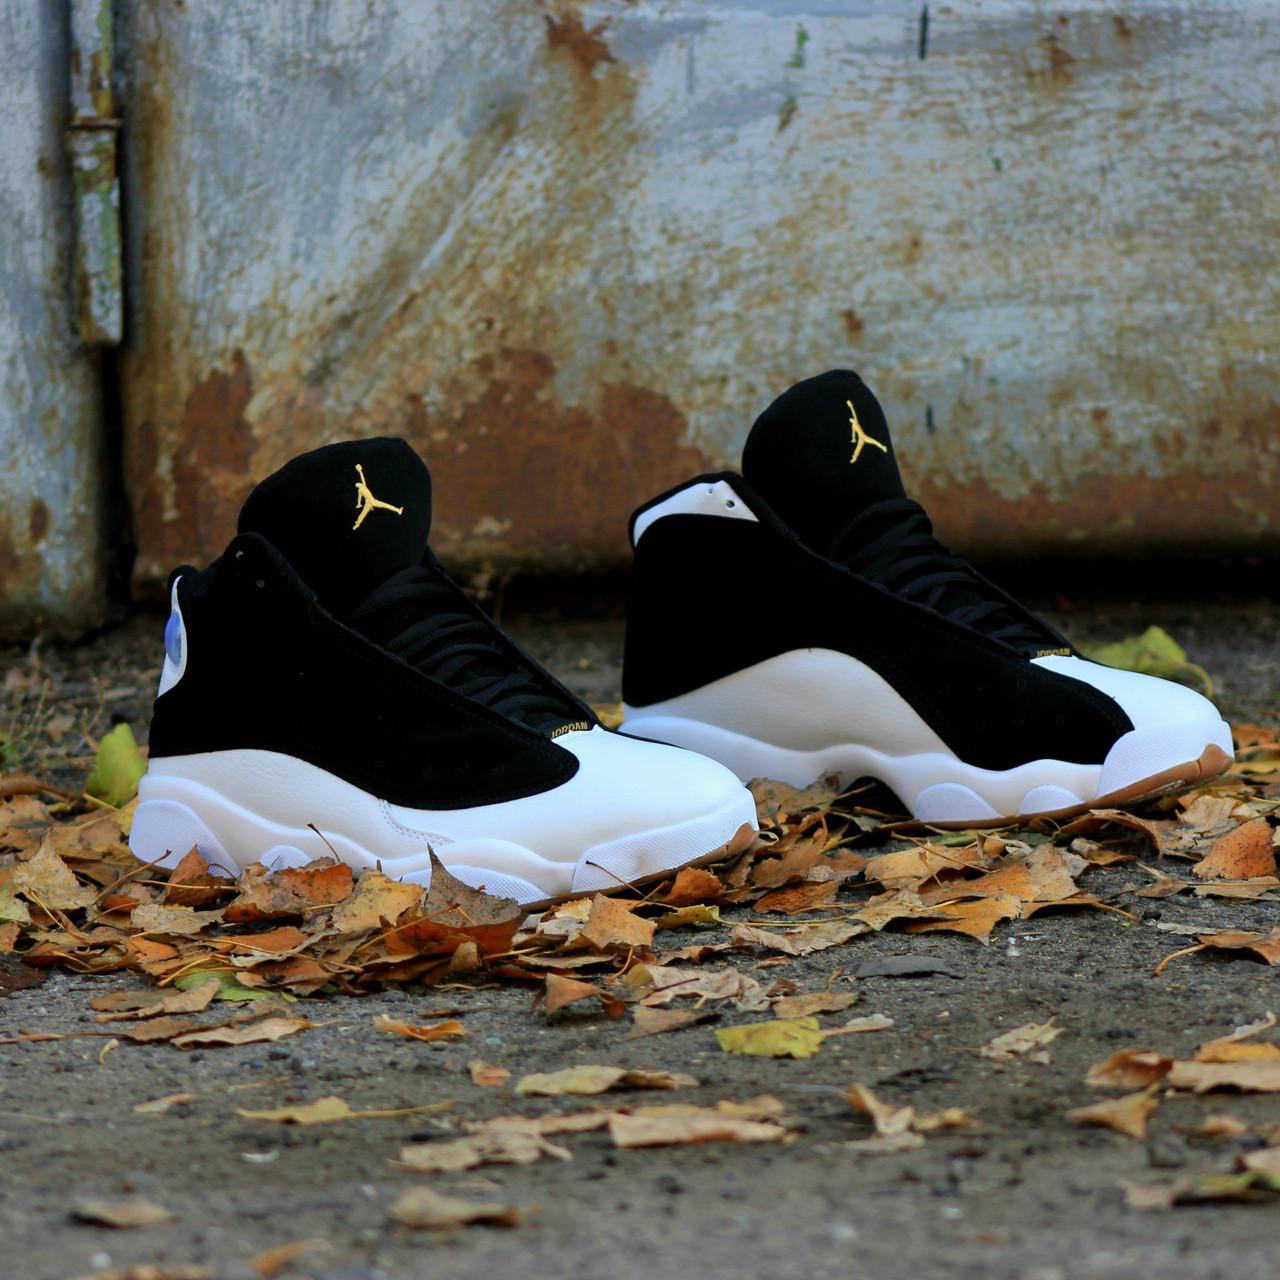 737e7a21279cf Мужские кроссовки Nike Air Jordan 13 Retro Black/White